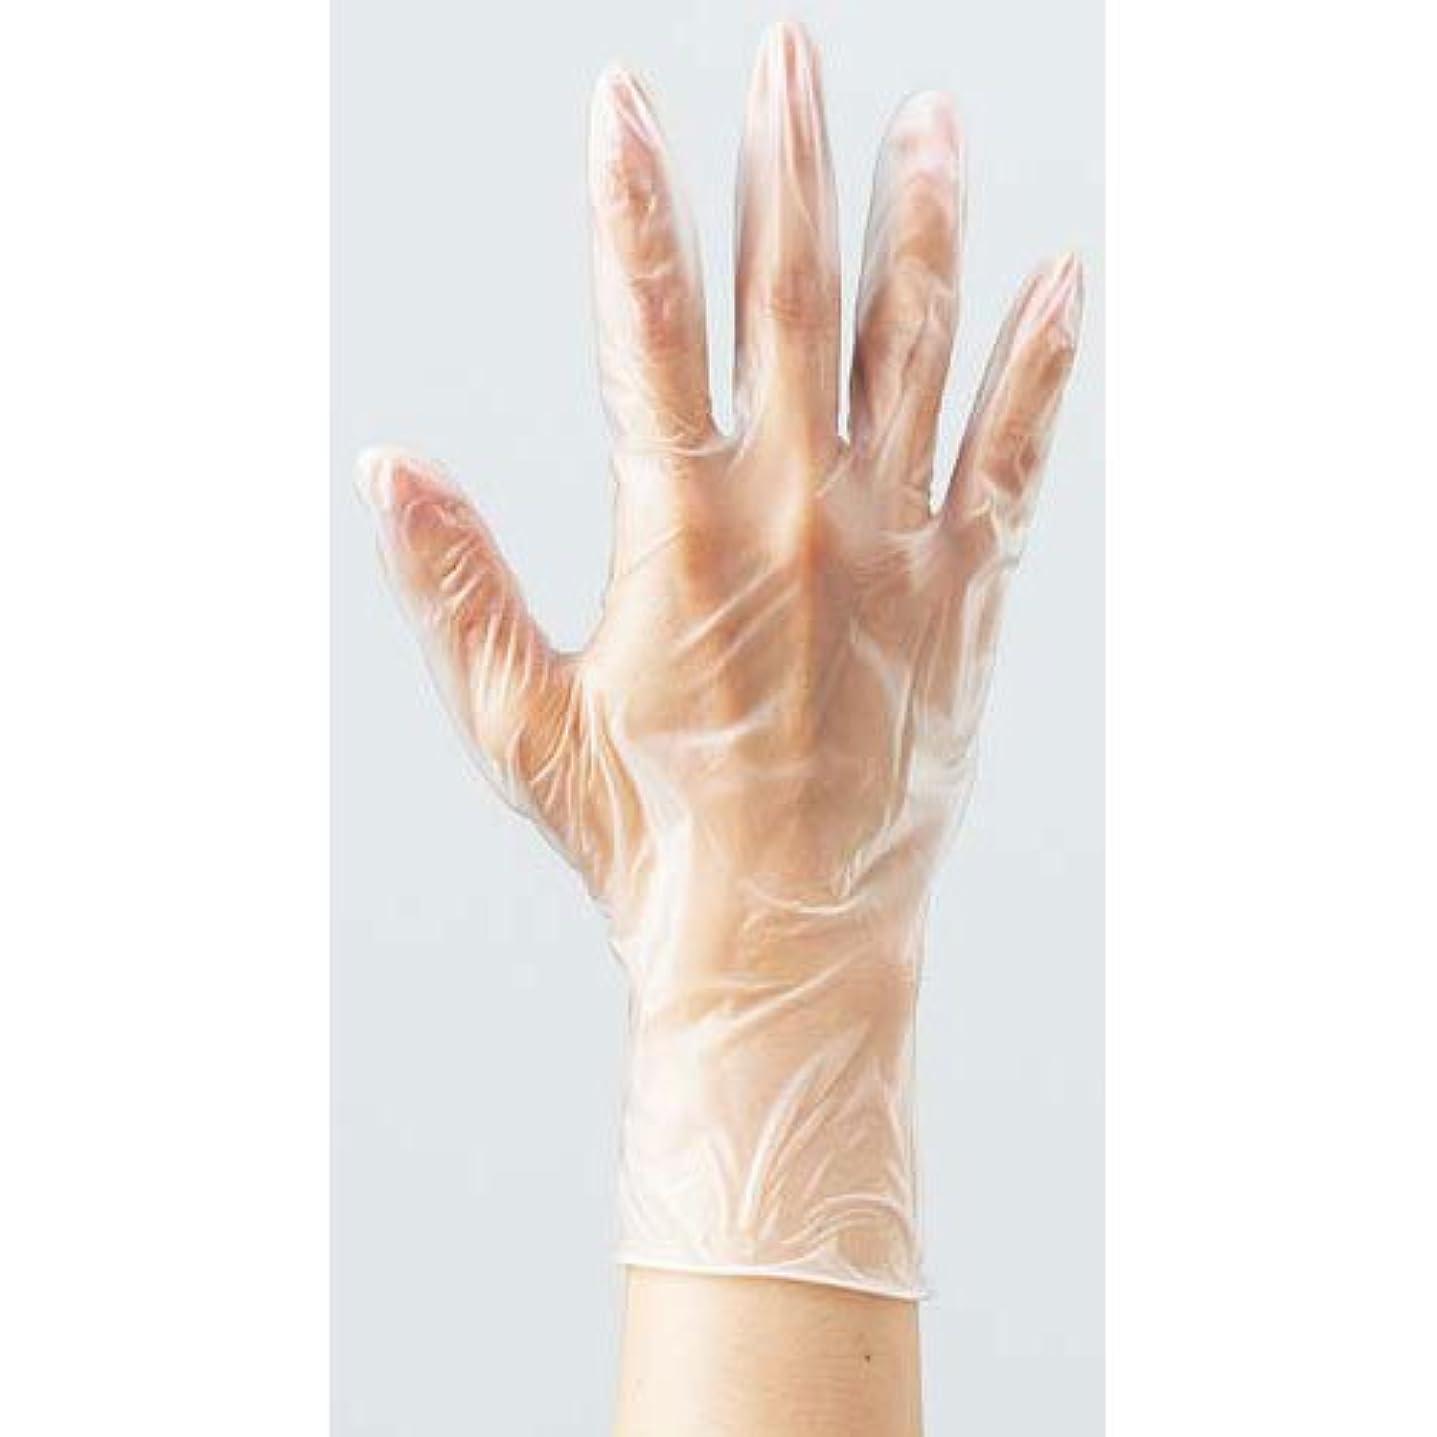 知らせる偉業決してカウネット プラスチック手袋 袋入 粉無L 100枚×10